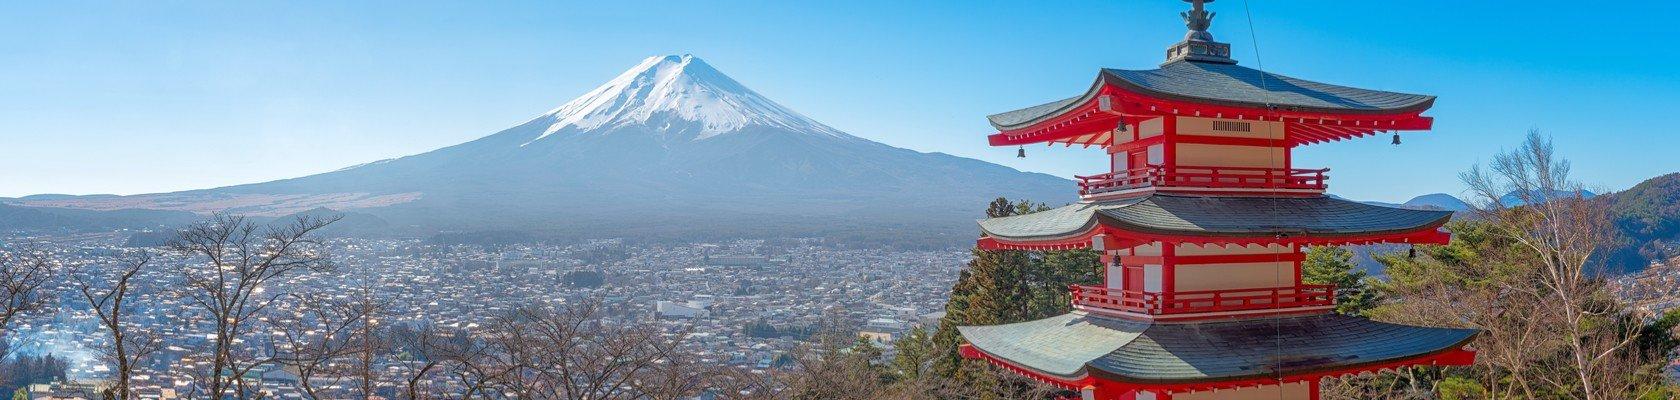 Dating Japanse yen munten Dating is kwetsen mijn gevoel van eigenwaarde